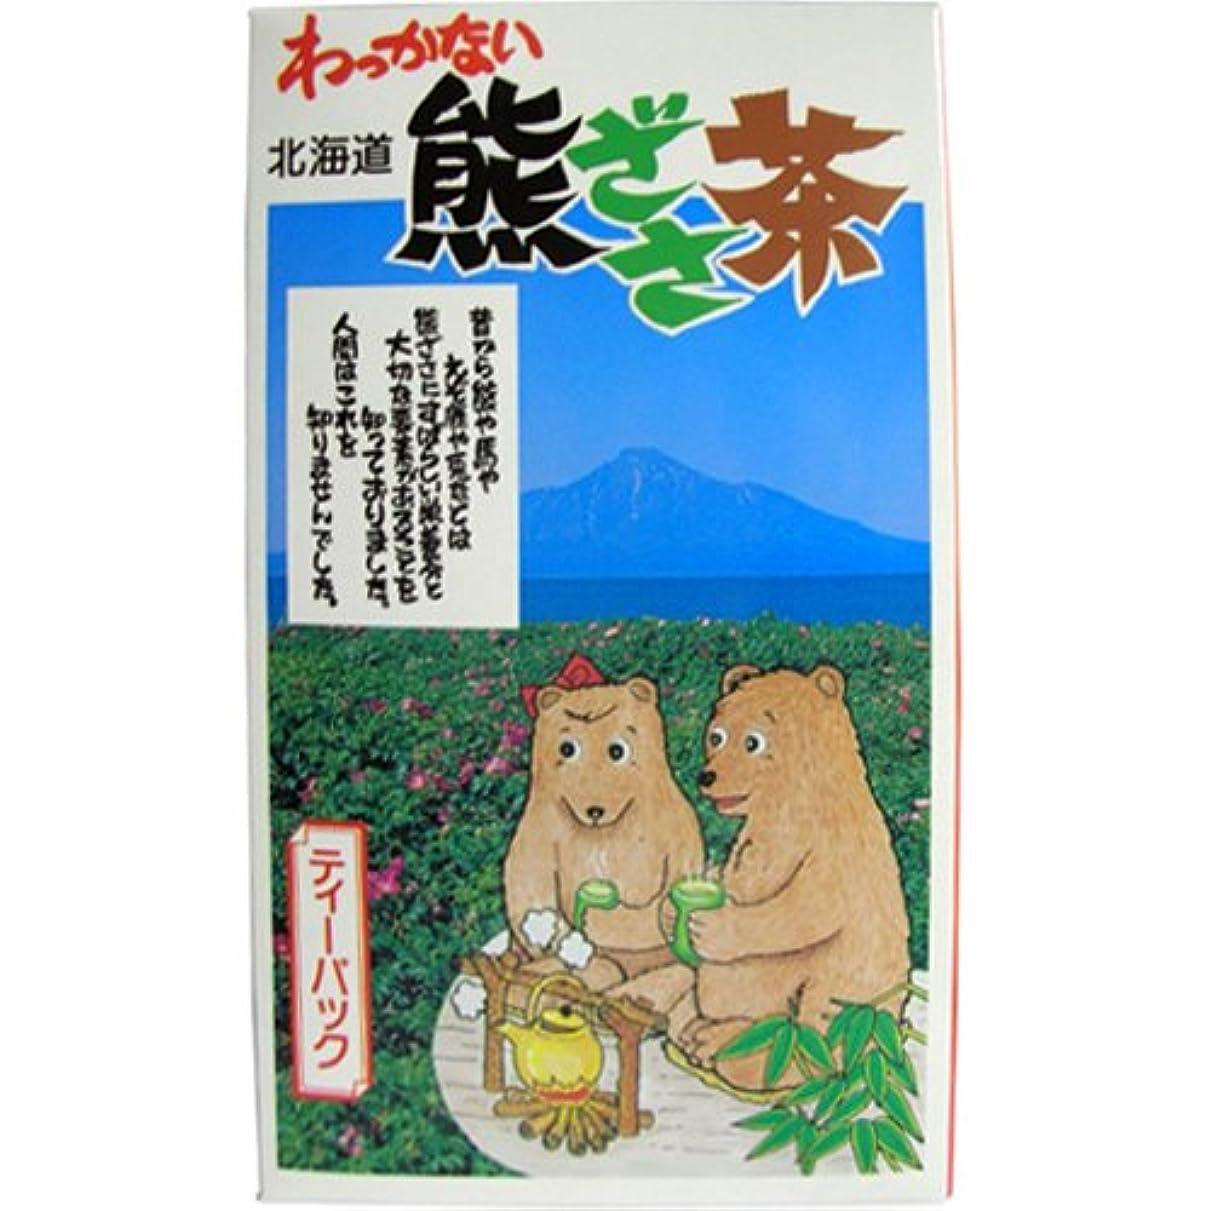 と闘う配列よろめくわっかない北海道 熊ざさ茶 ティーパック 2g×40袋